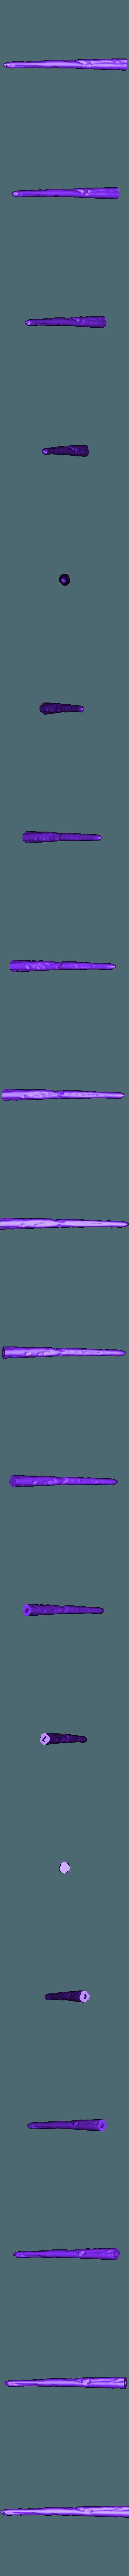 Fleur_3.STL Télécharger fichier STL gratuit Baguette Fleur Delacour • Objet imprimable en 3D, Absolute3D